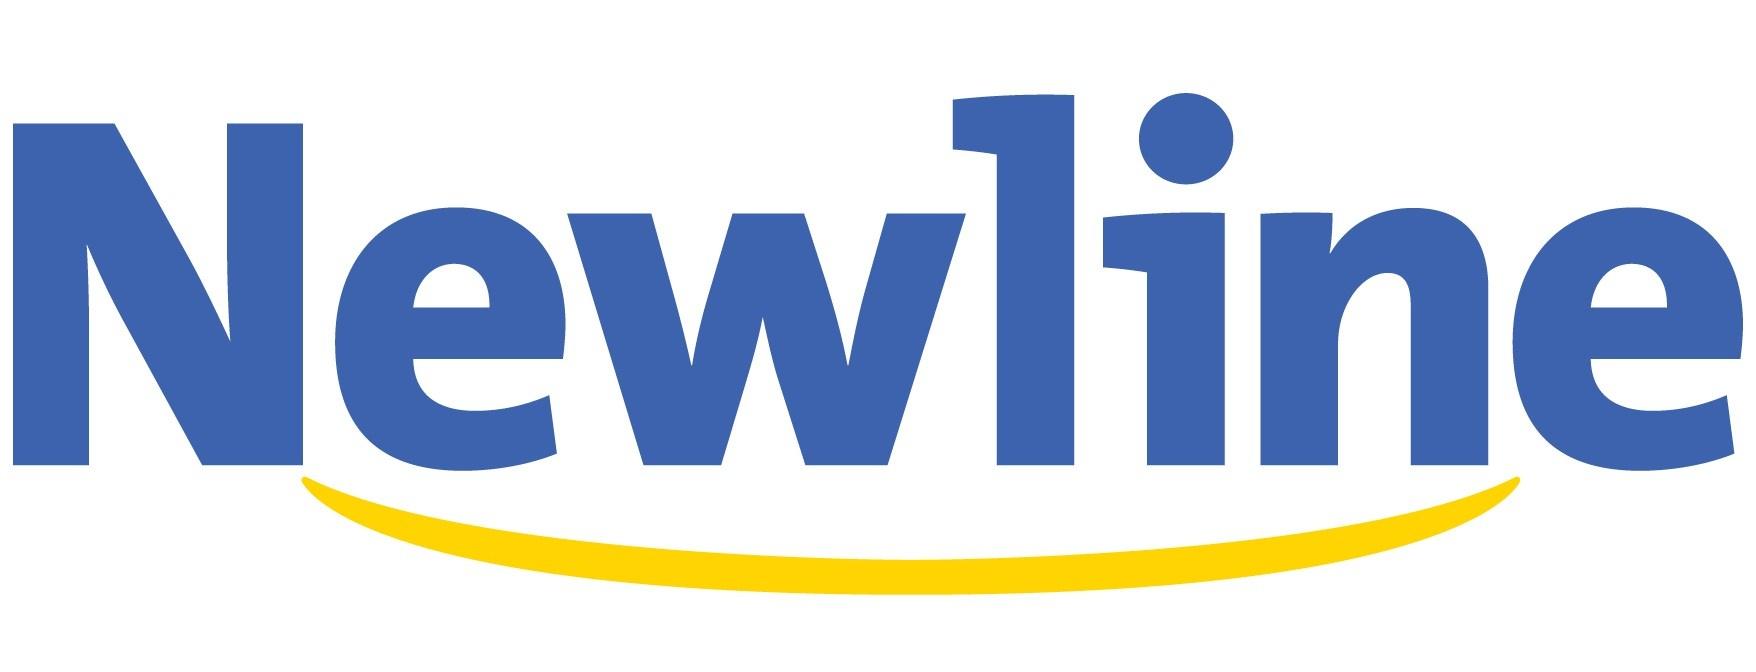 Newline-Logo-FINAL-2.jpg